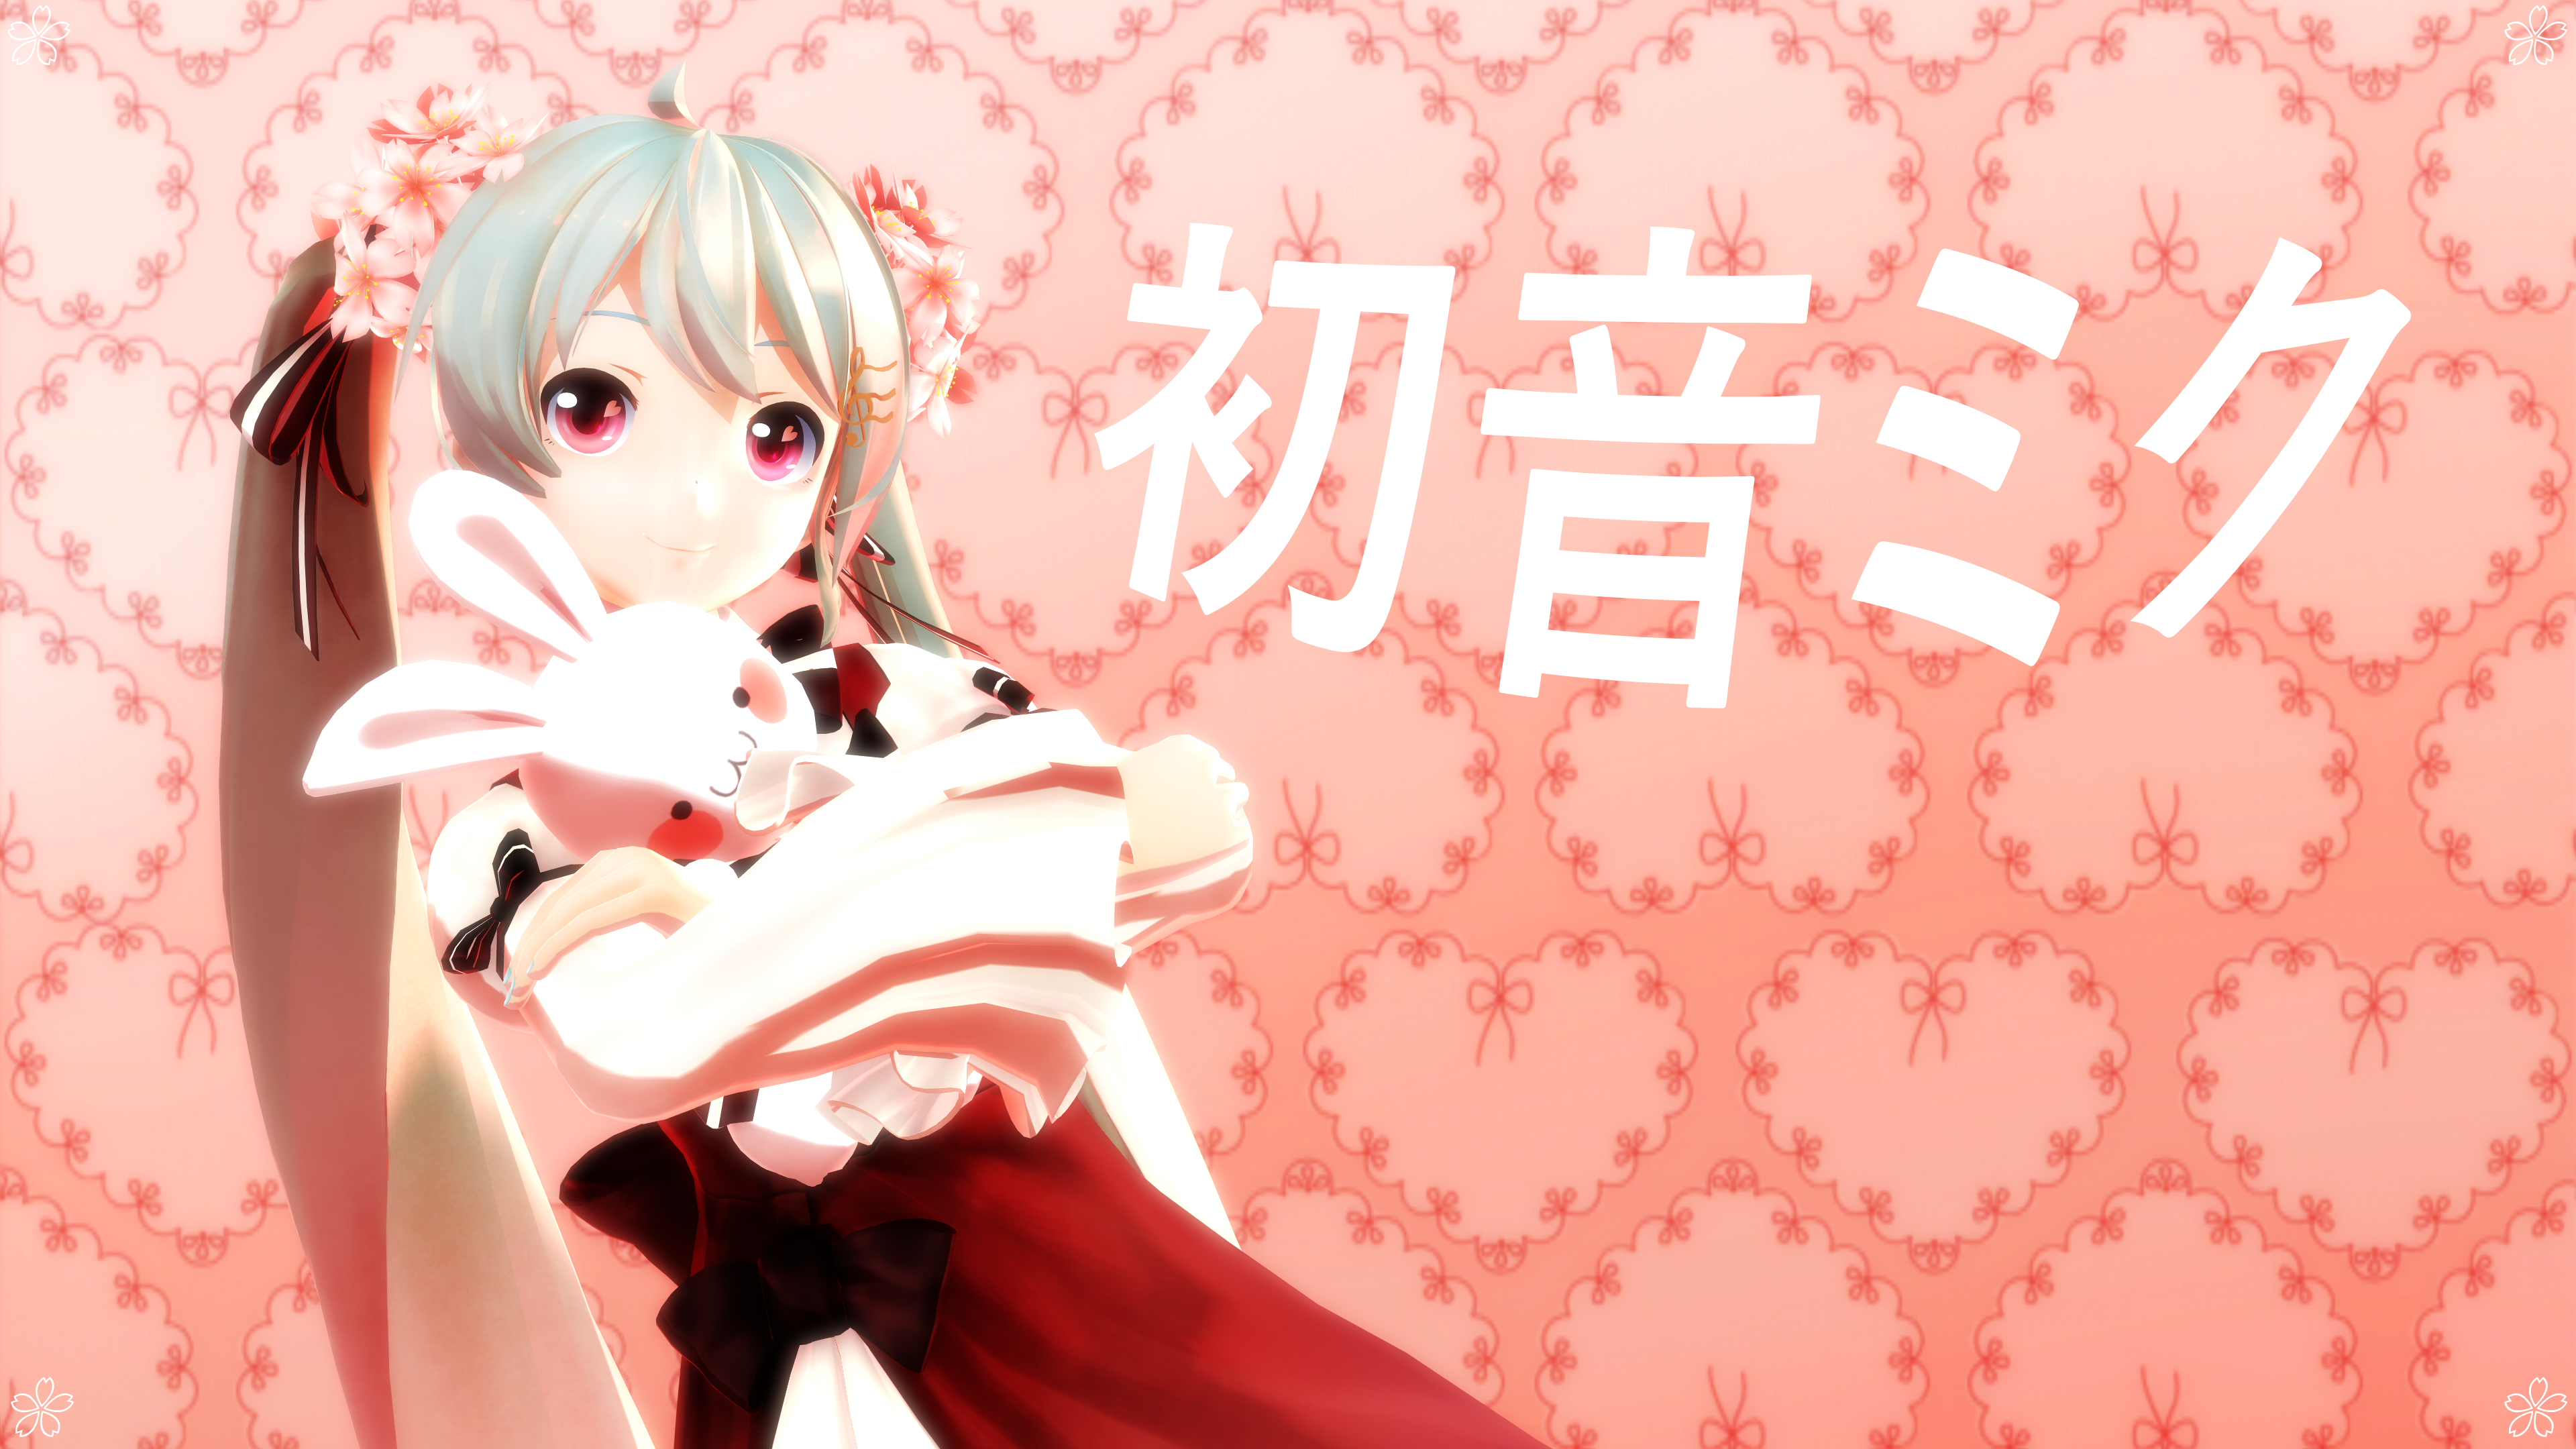 .: Sakura Miku :. by oOCanaChanOo and YYB